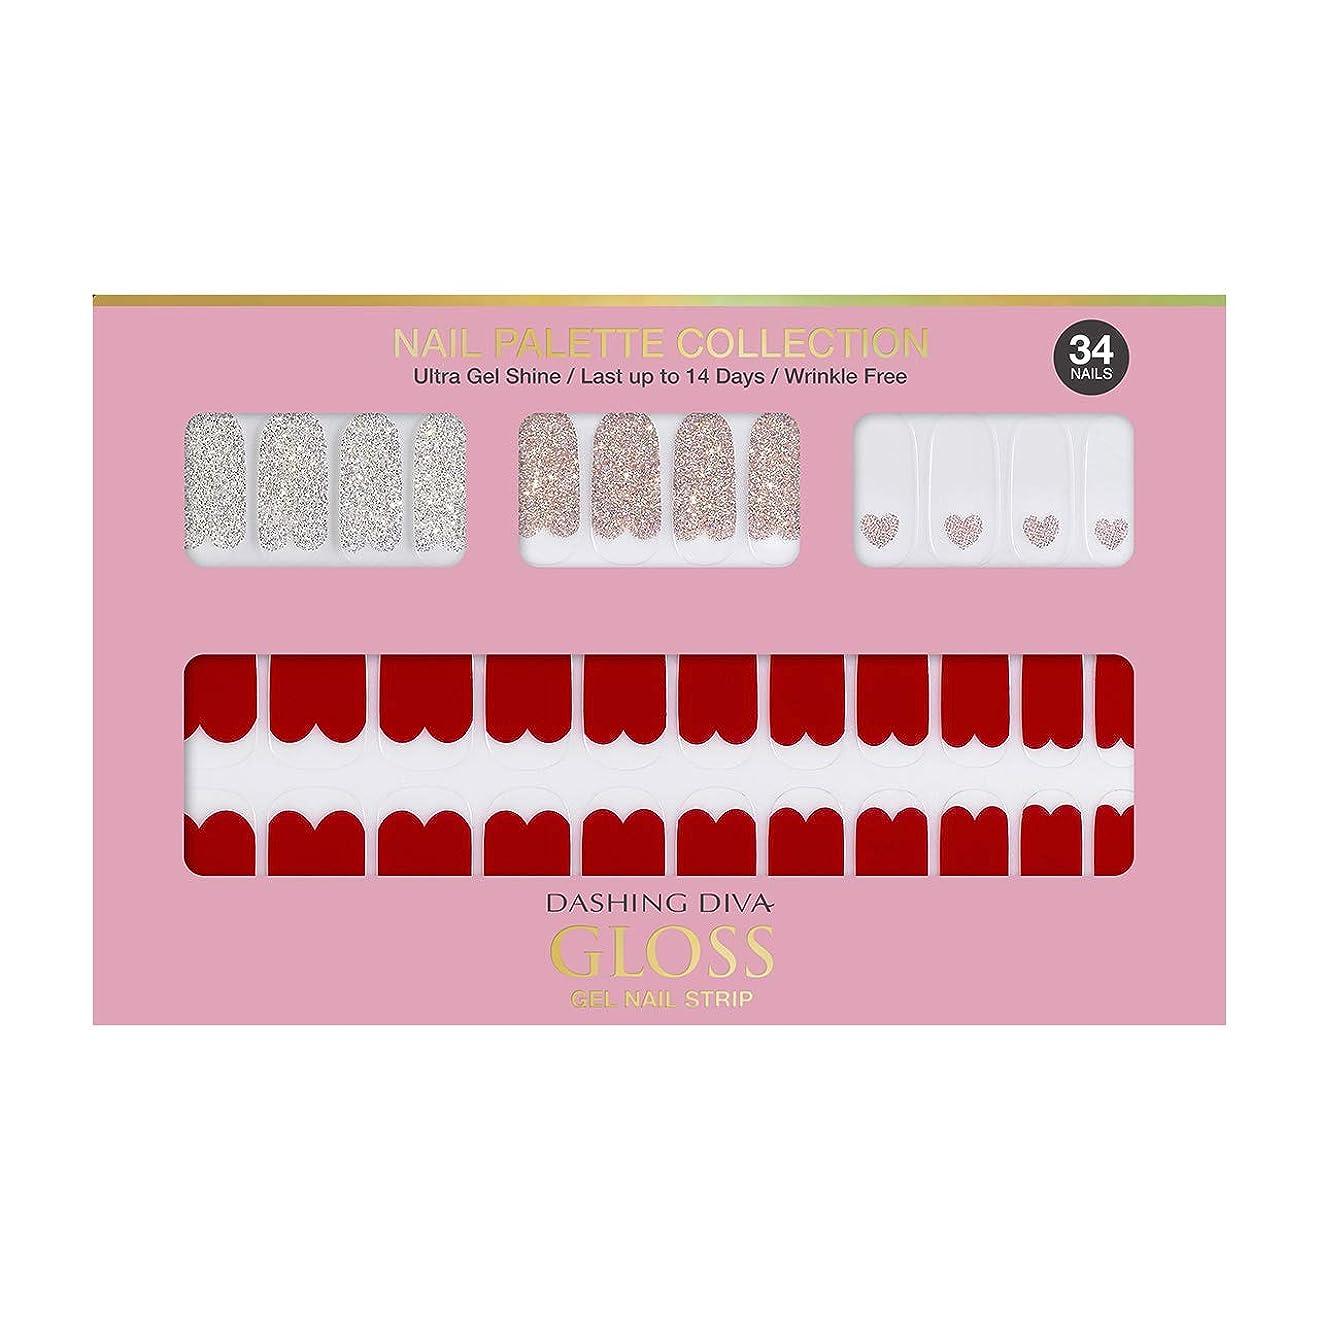 初期のタービン配管工ダッシングディバ グロスジェル ネイルストリップ DASHING DIVA Gloss Gel Nail Strip DGNP05-DURY+ オリジナルジェル ネイルシール Rosy #05 Red Shorts